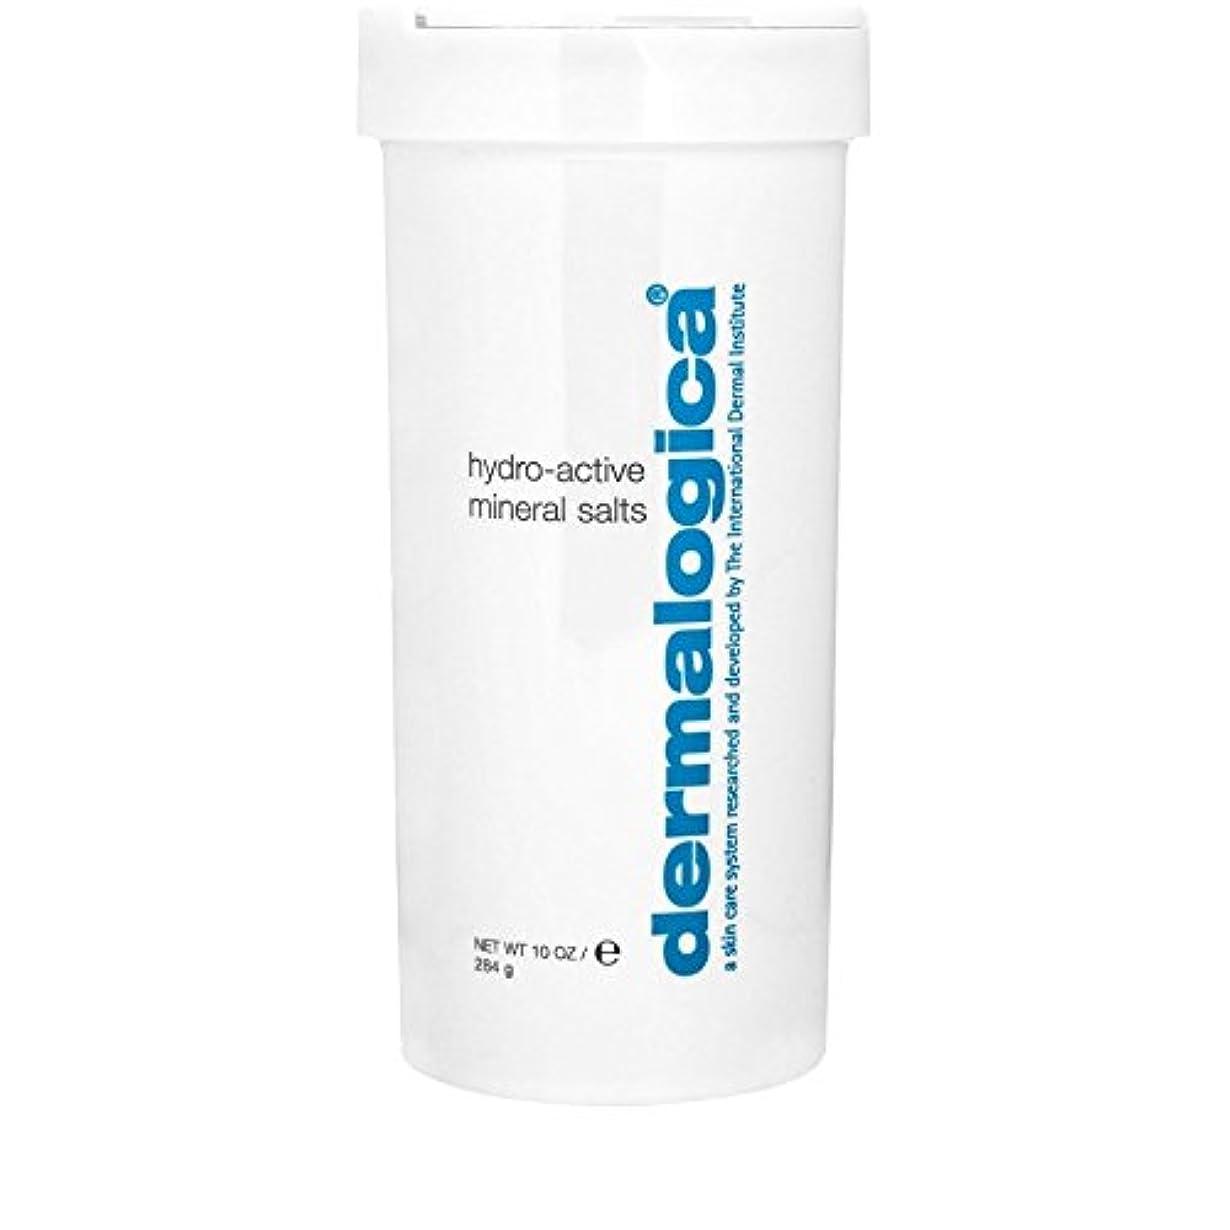 廃棄ジョージバーナードアラブ人ダーマロジカ水力アクティブミネラル塩284グラム x4 - Dermalogica Hydro Active Mineral Salt 284g (Pack of 4) [並行輸入品]